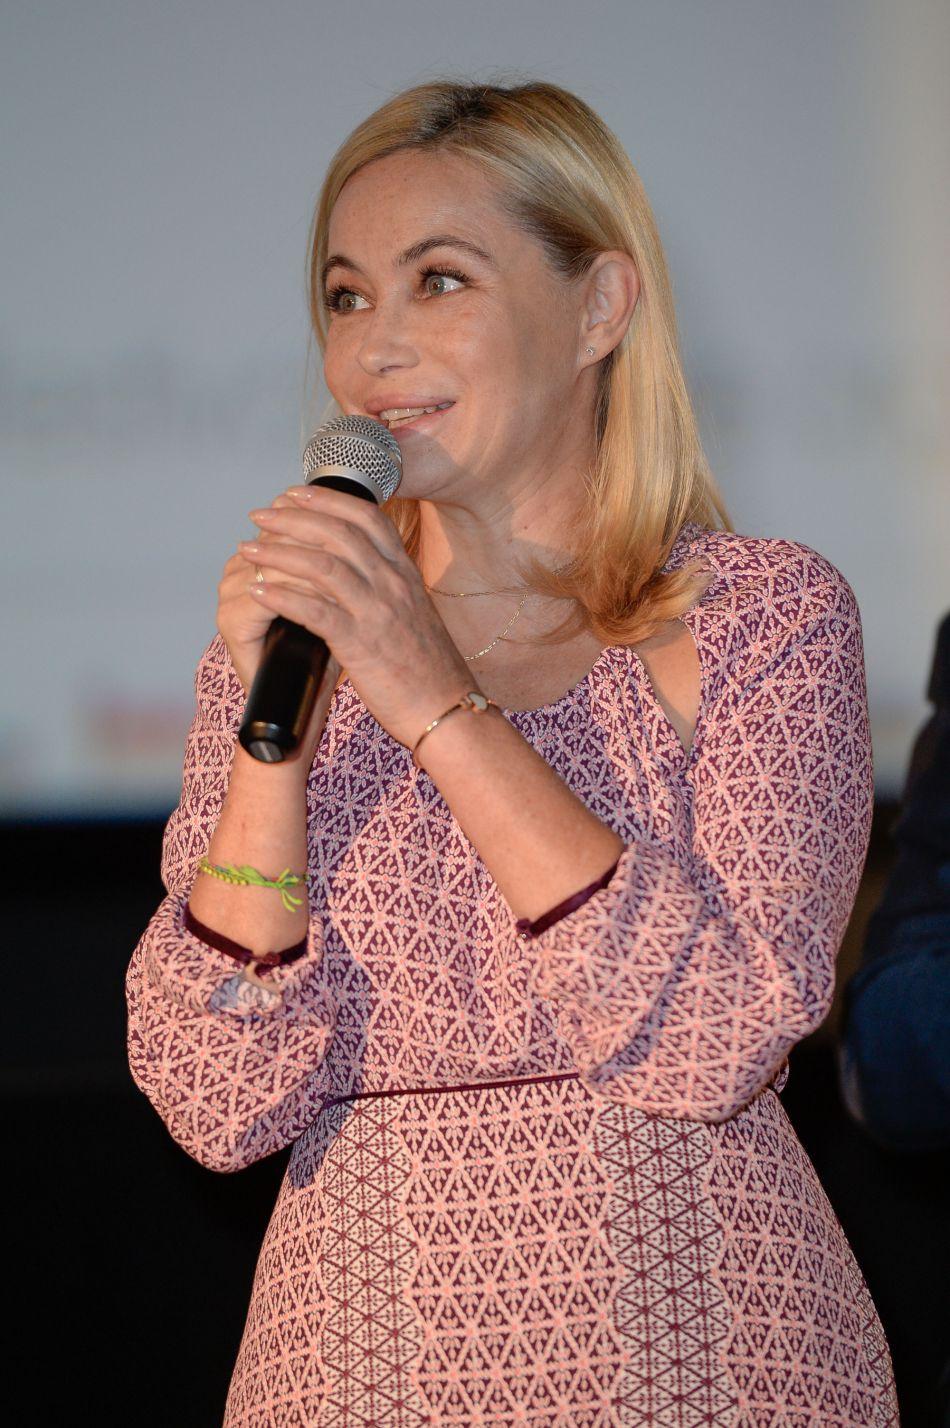 Après une apparition à la Fashion Week parisienne, Emmanuelle Béart revient au cinéma.